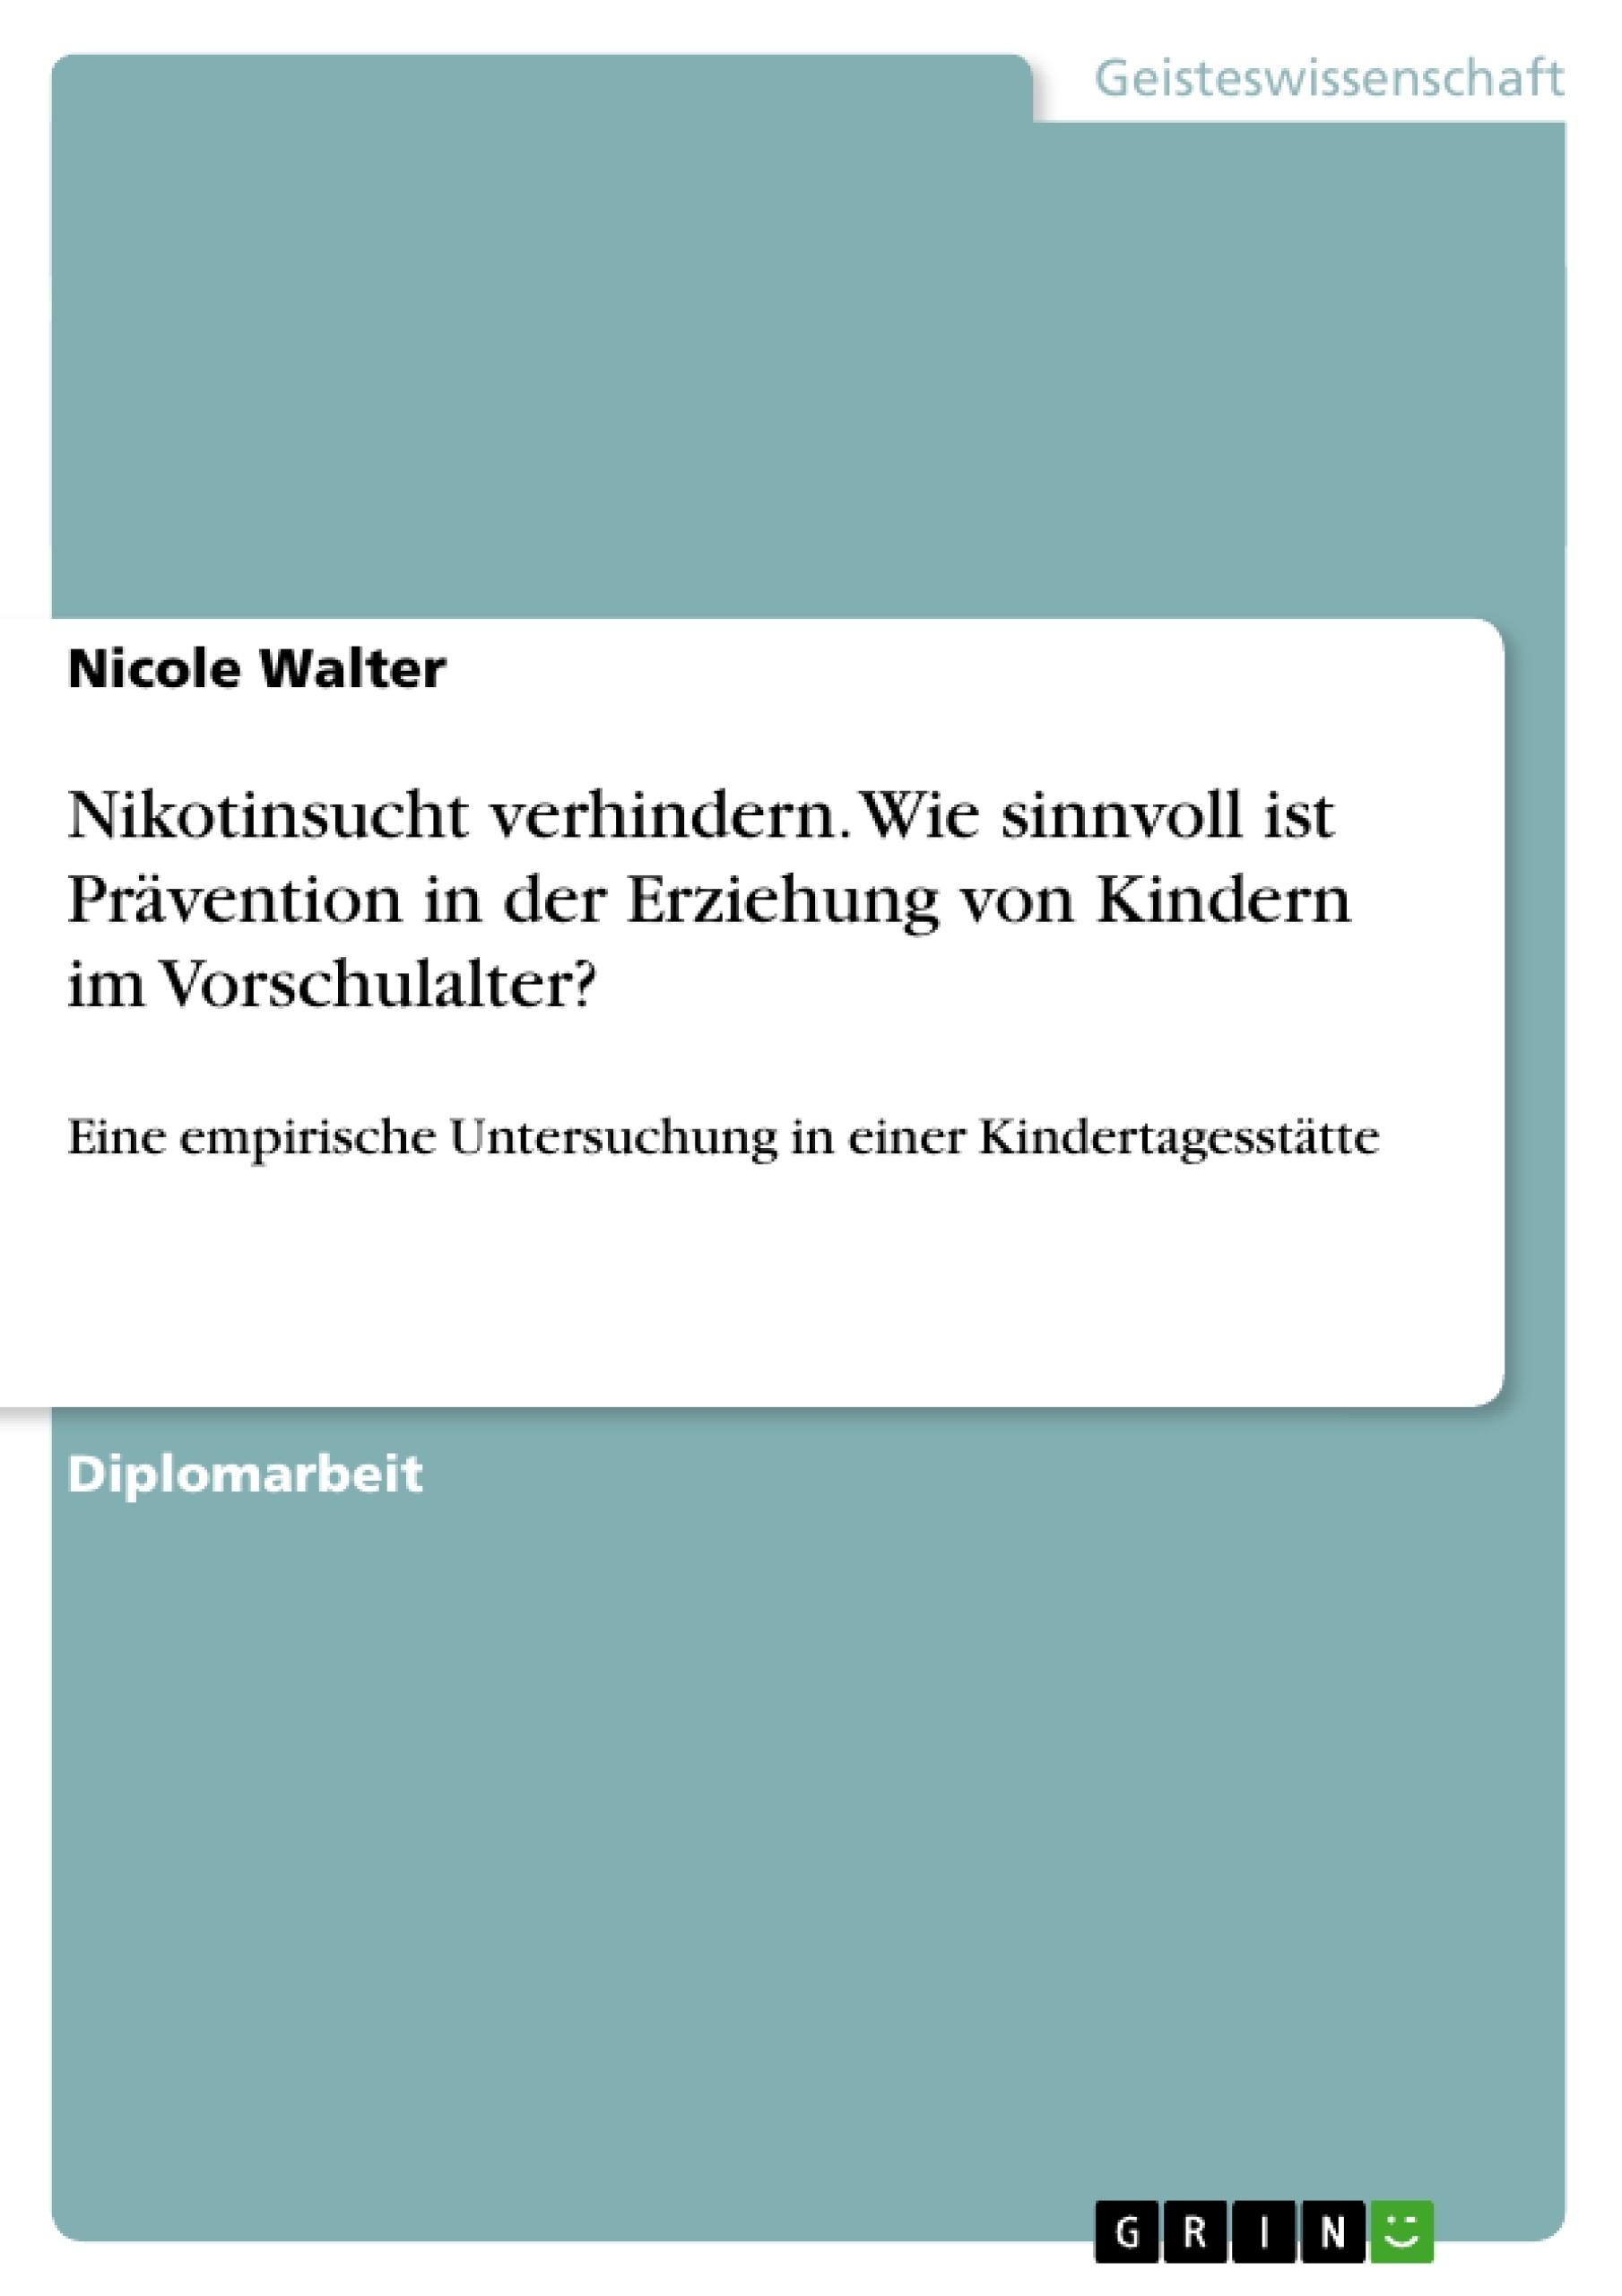 Titel: Nikotinsucht verhindern. Wie sinnvoll ist Prävention in der Erziehung von Kindern im Vorschulalter?